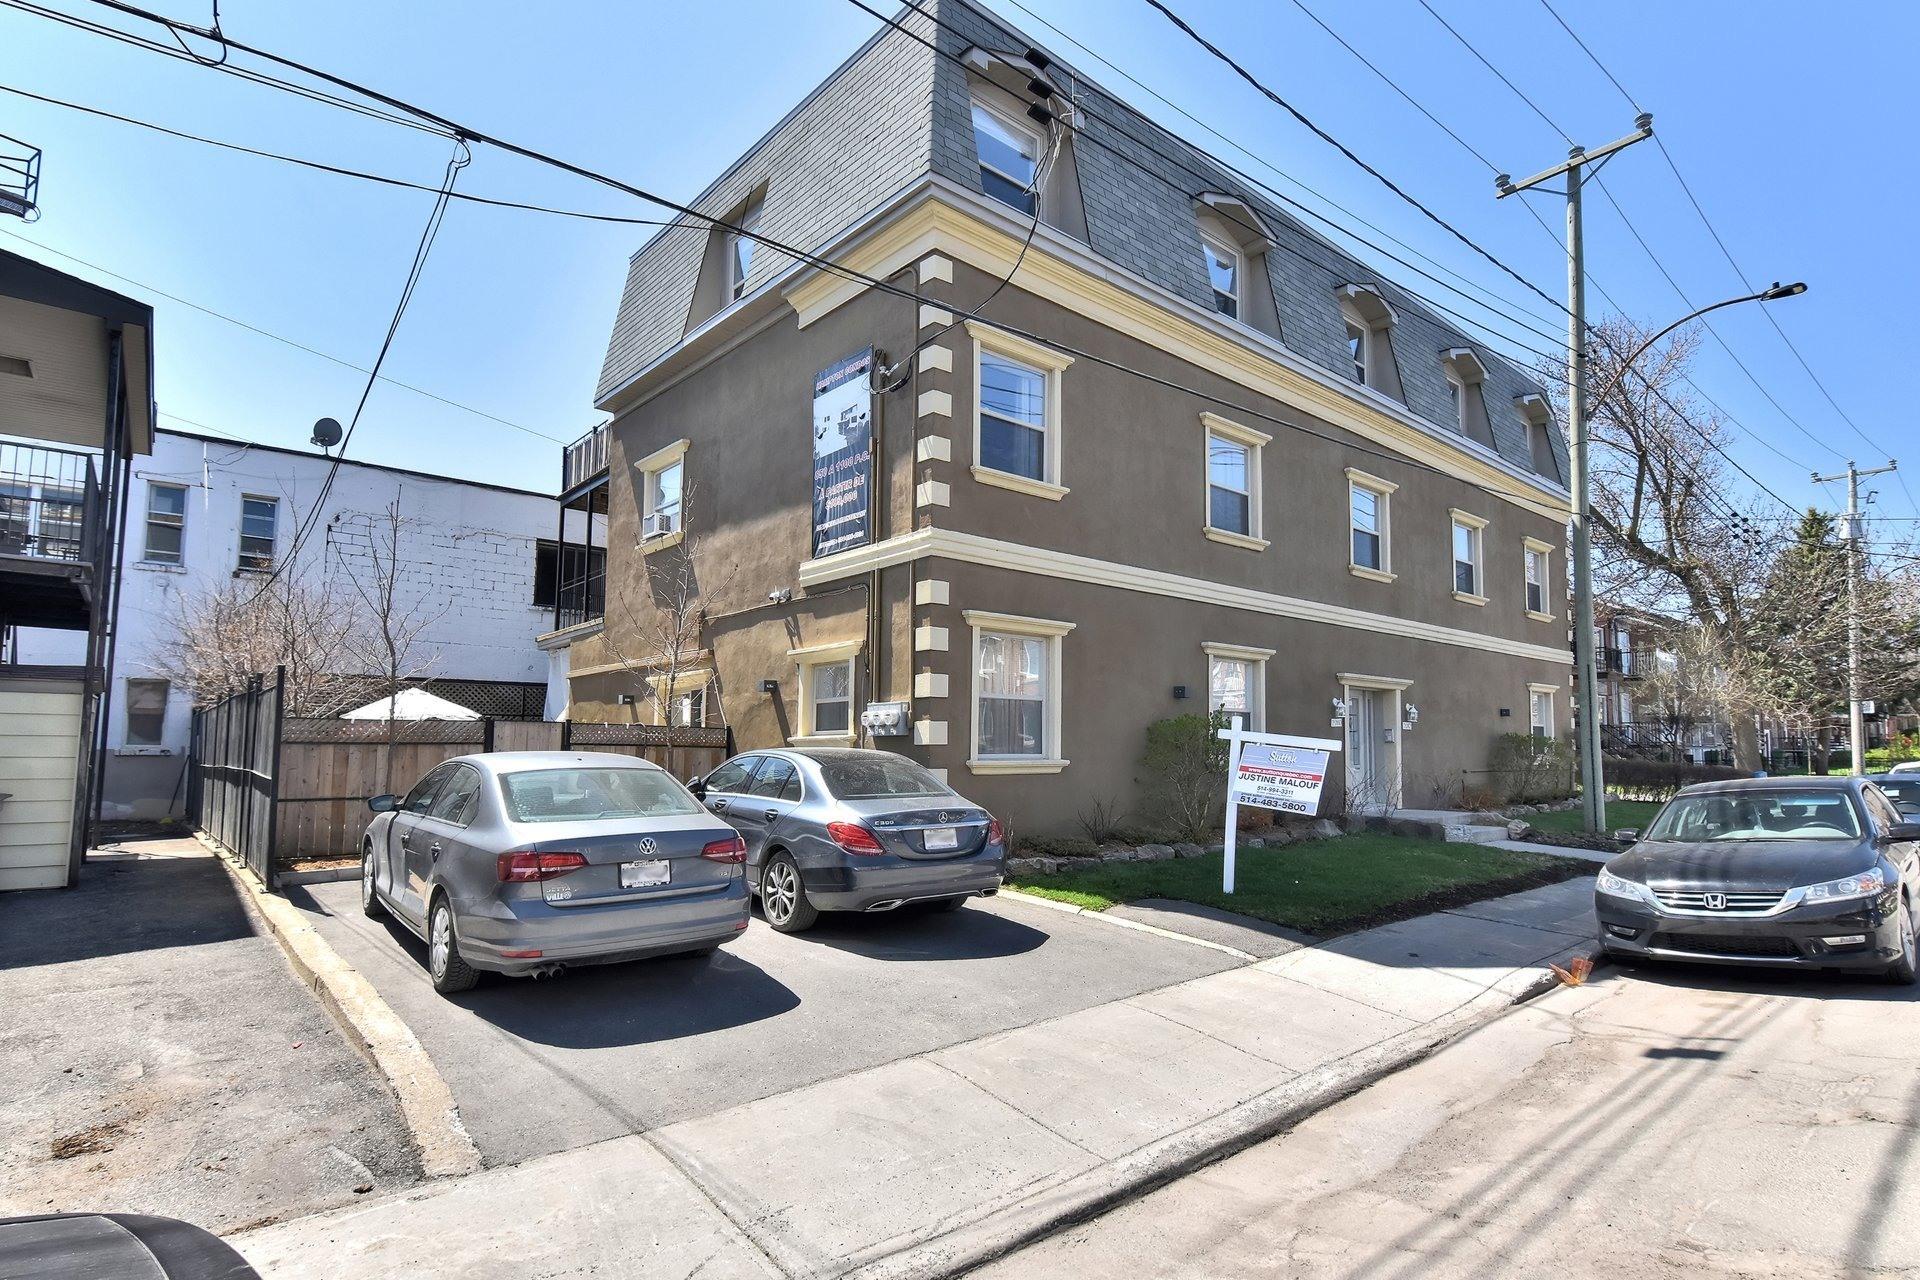 image 32 - Apartment For sale Côte-des-Neiges/Notre-Dame-de-Grâce Montréal  - 6 rooms